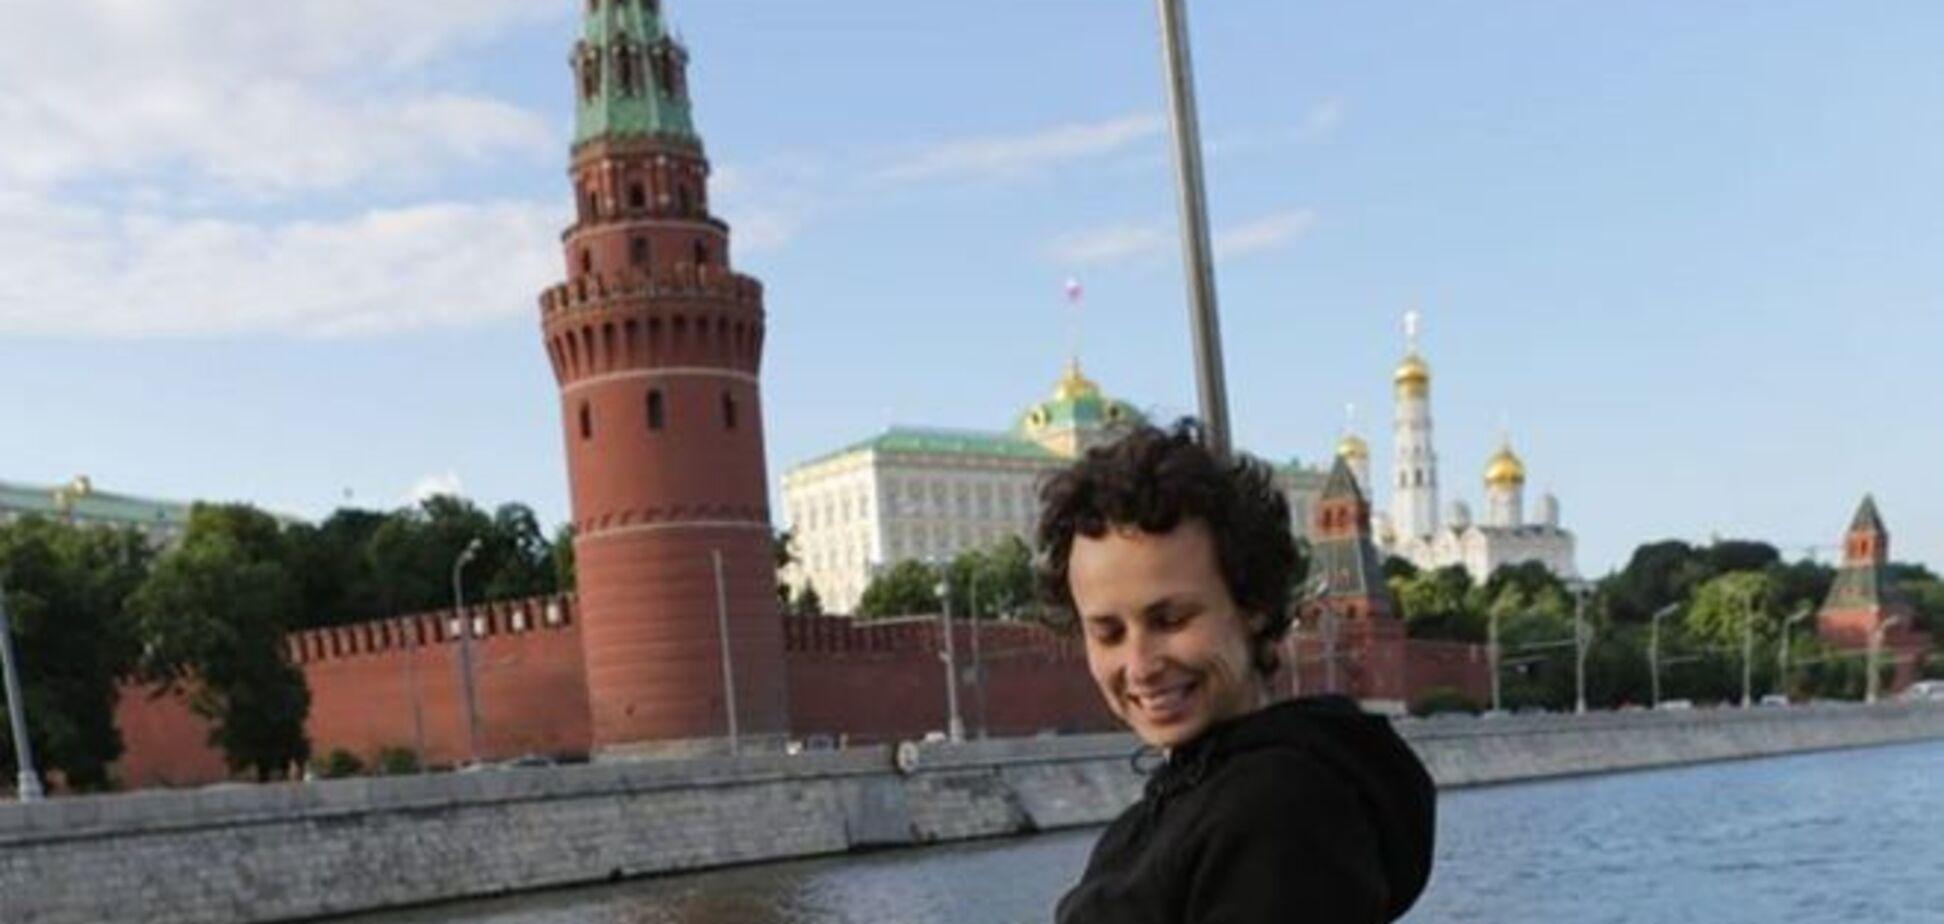 Певицу Чичерину объявили в розыск после концерта в оккупированном Луганске